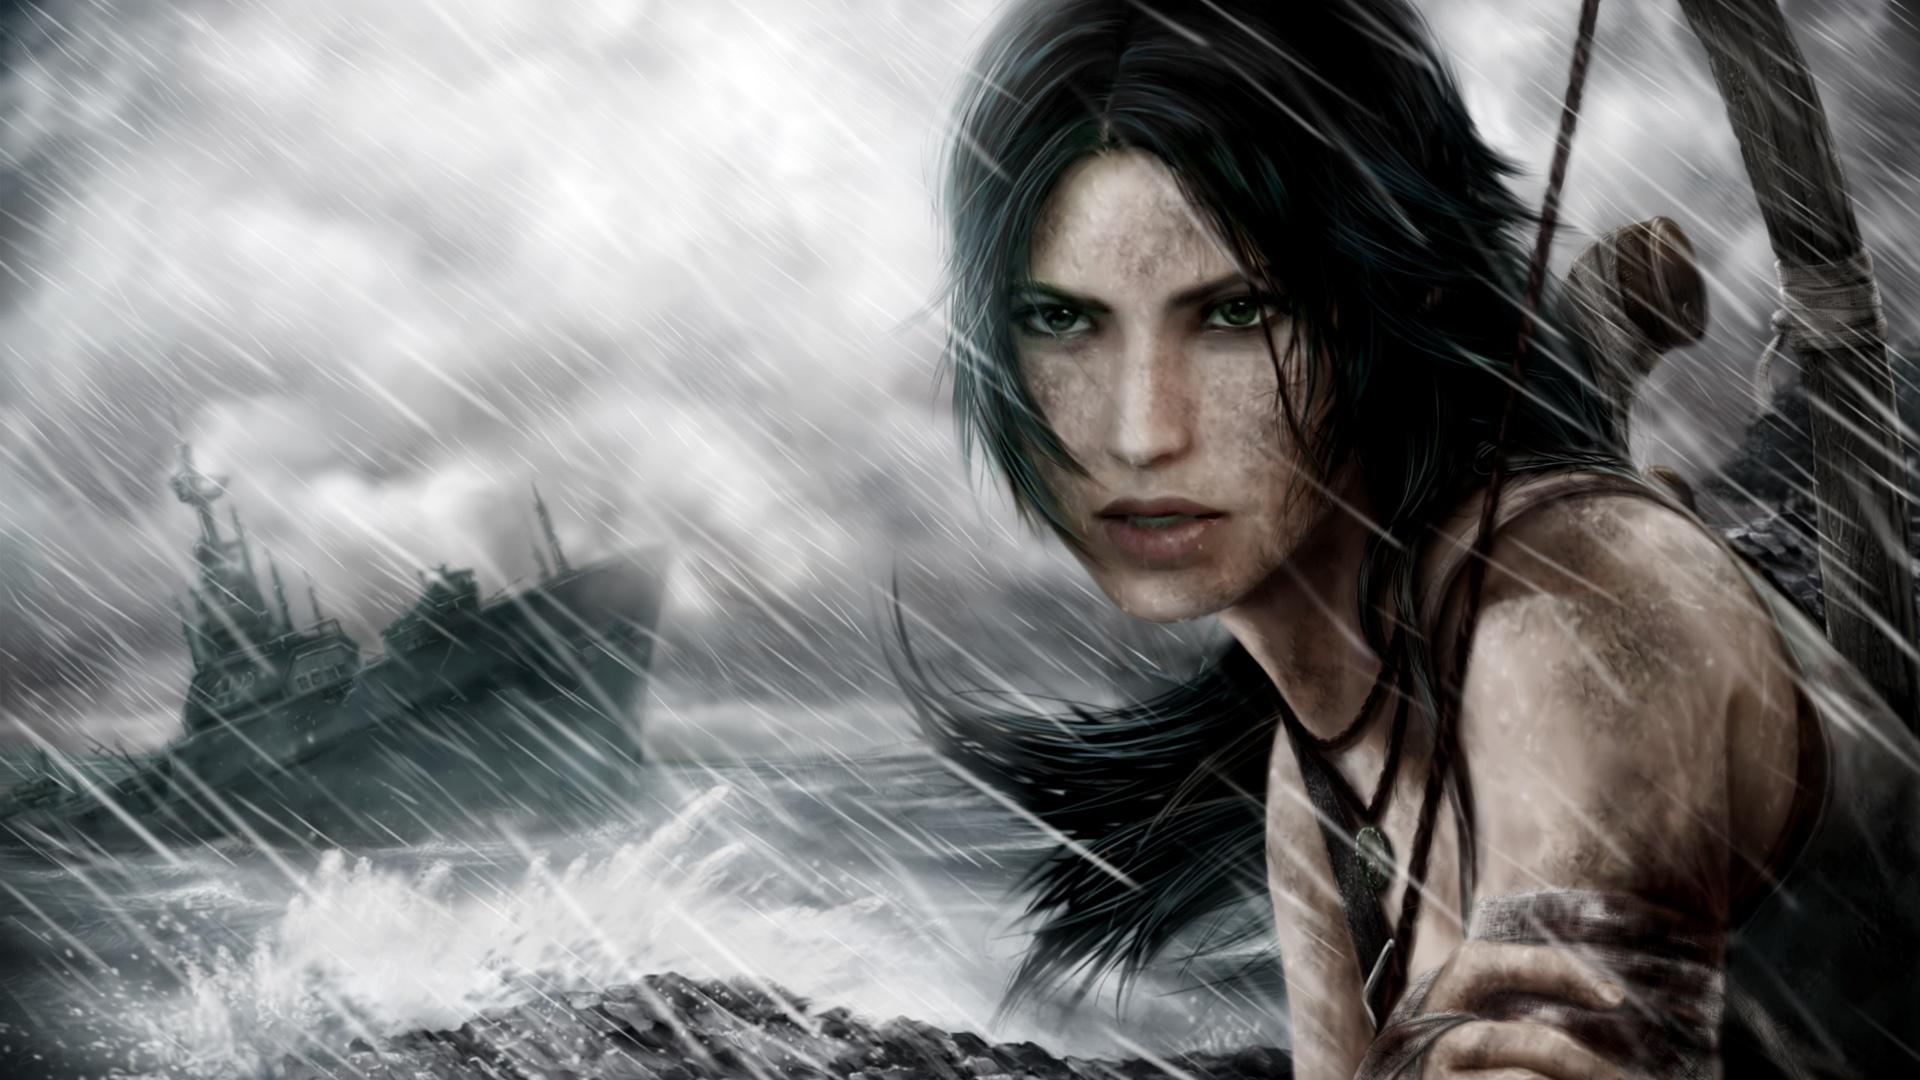 Wallpaper Tomb Raider Lara Croft Storm Day 1920x1080 Full